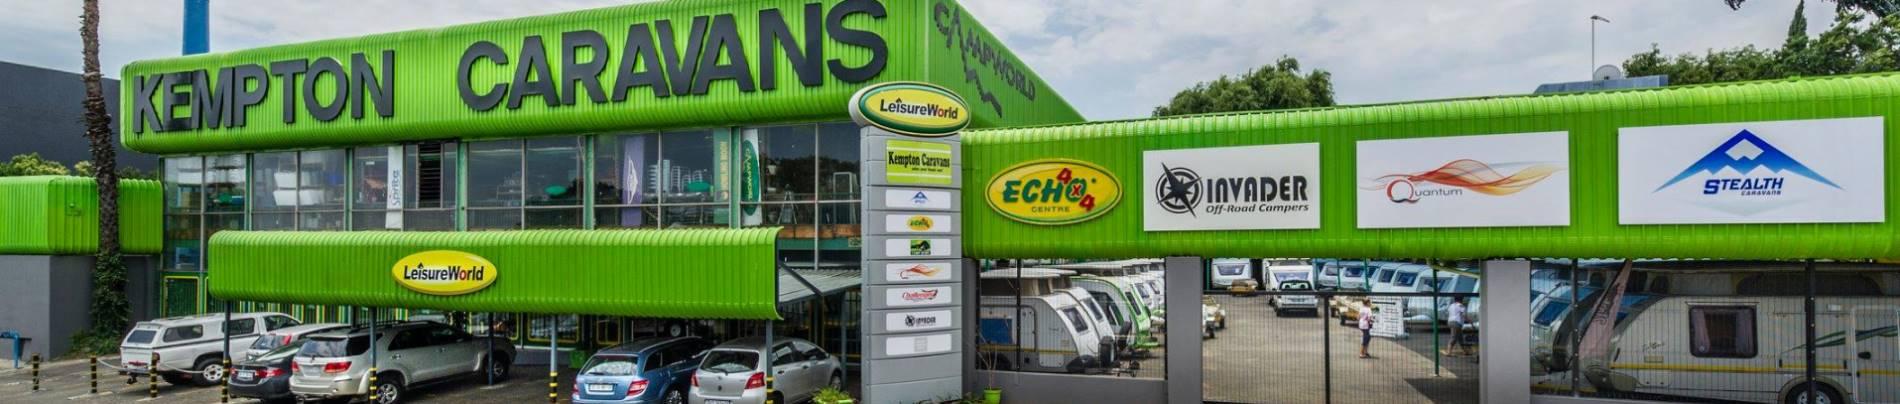 Kempton Caravans - Kempton Caravans, Edenvale - New & Used Caravans